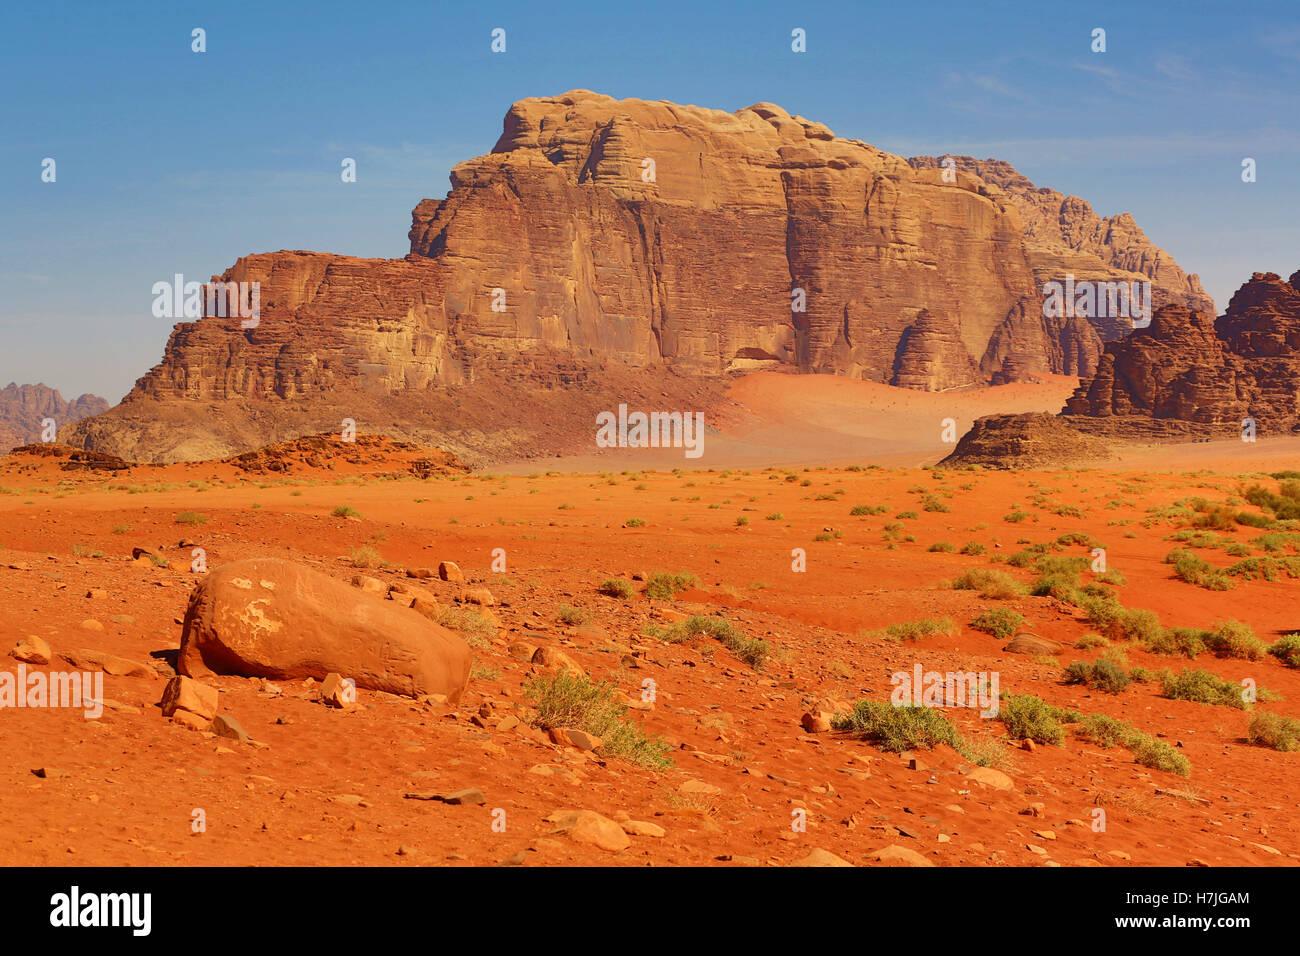 Les formations de roche dans le désert à Wadi Rum, Jordanie Photo Stock